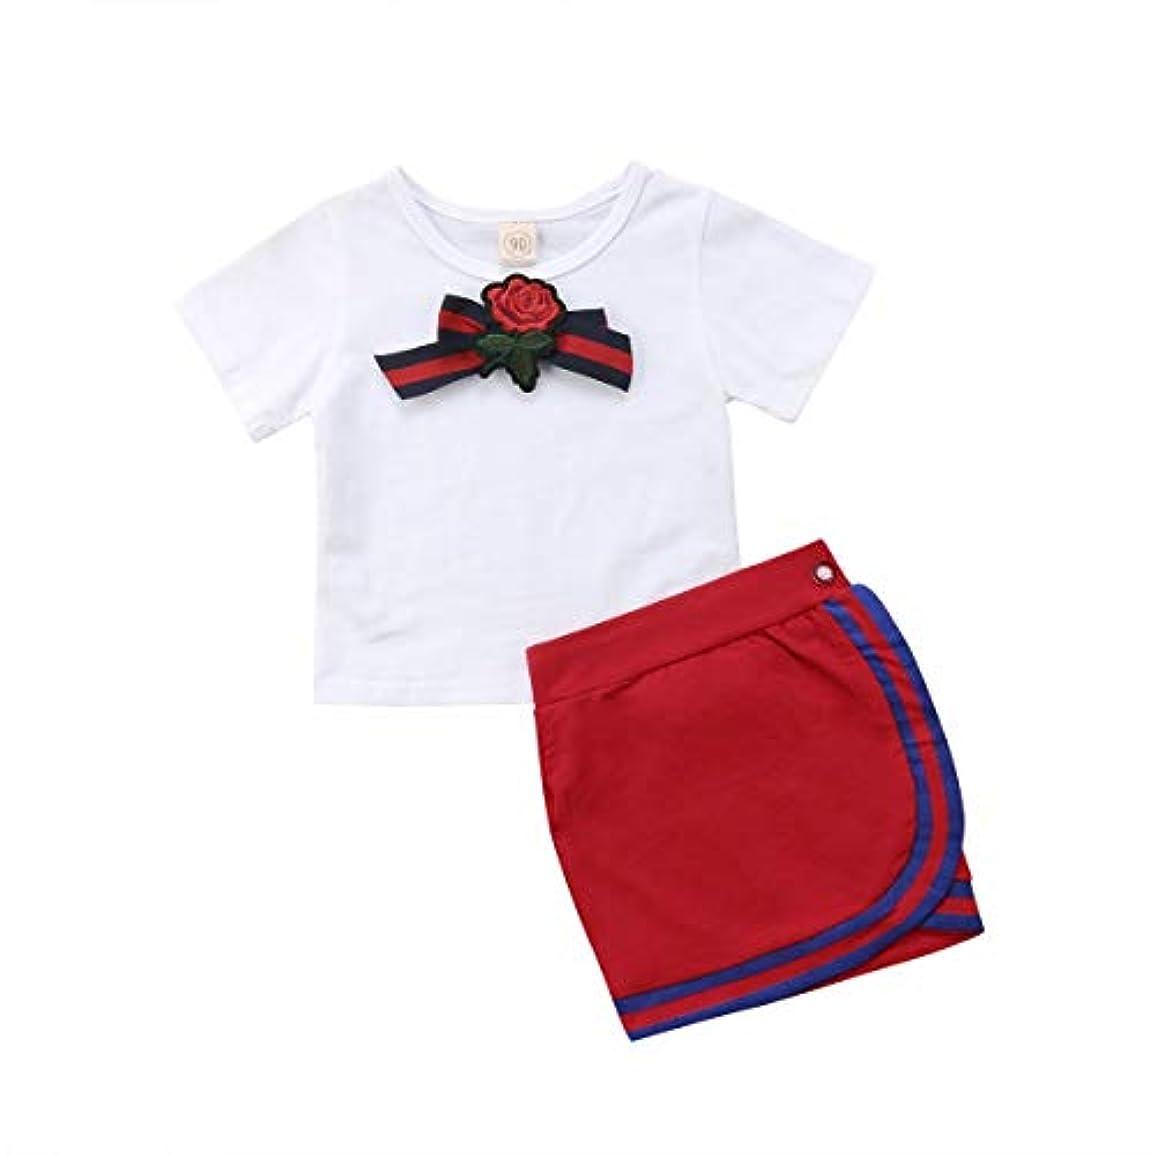 経験的動力学誓約Maxcrestas - 女子制服新生児キッズベビー は蝶の花タイのTシャツショートミニスカートパーティーウェディングチュチュドレストップス設定します。